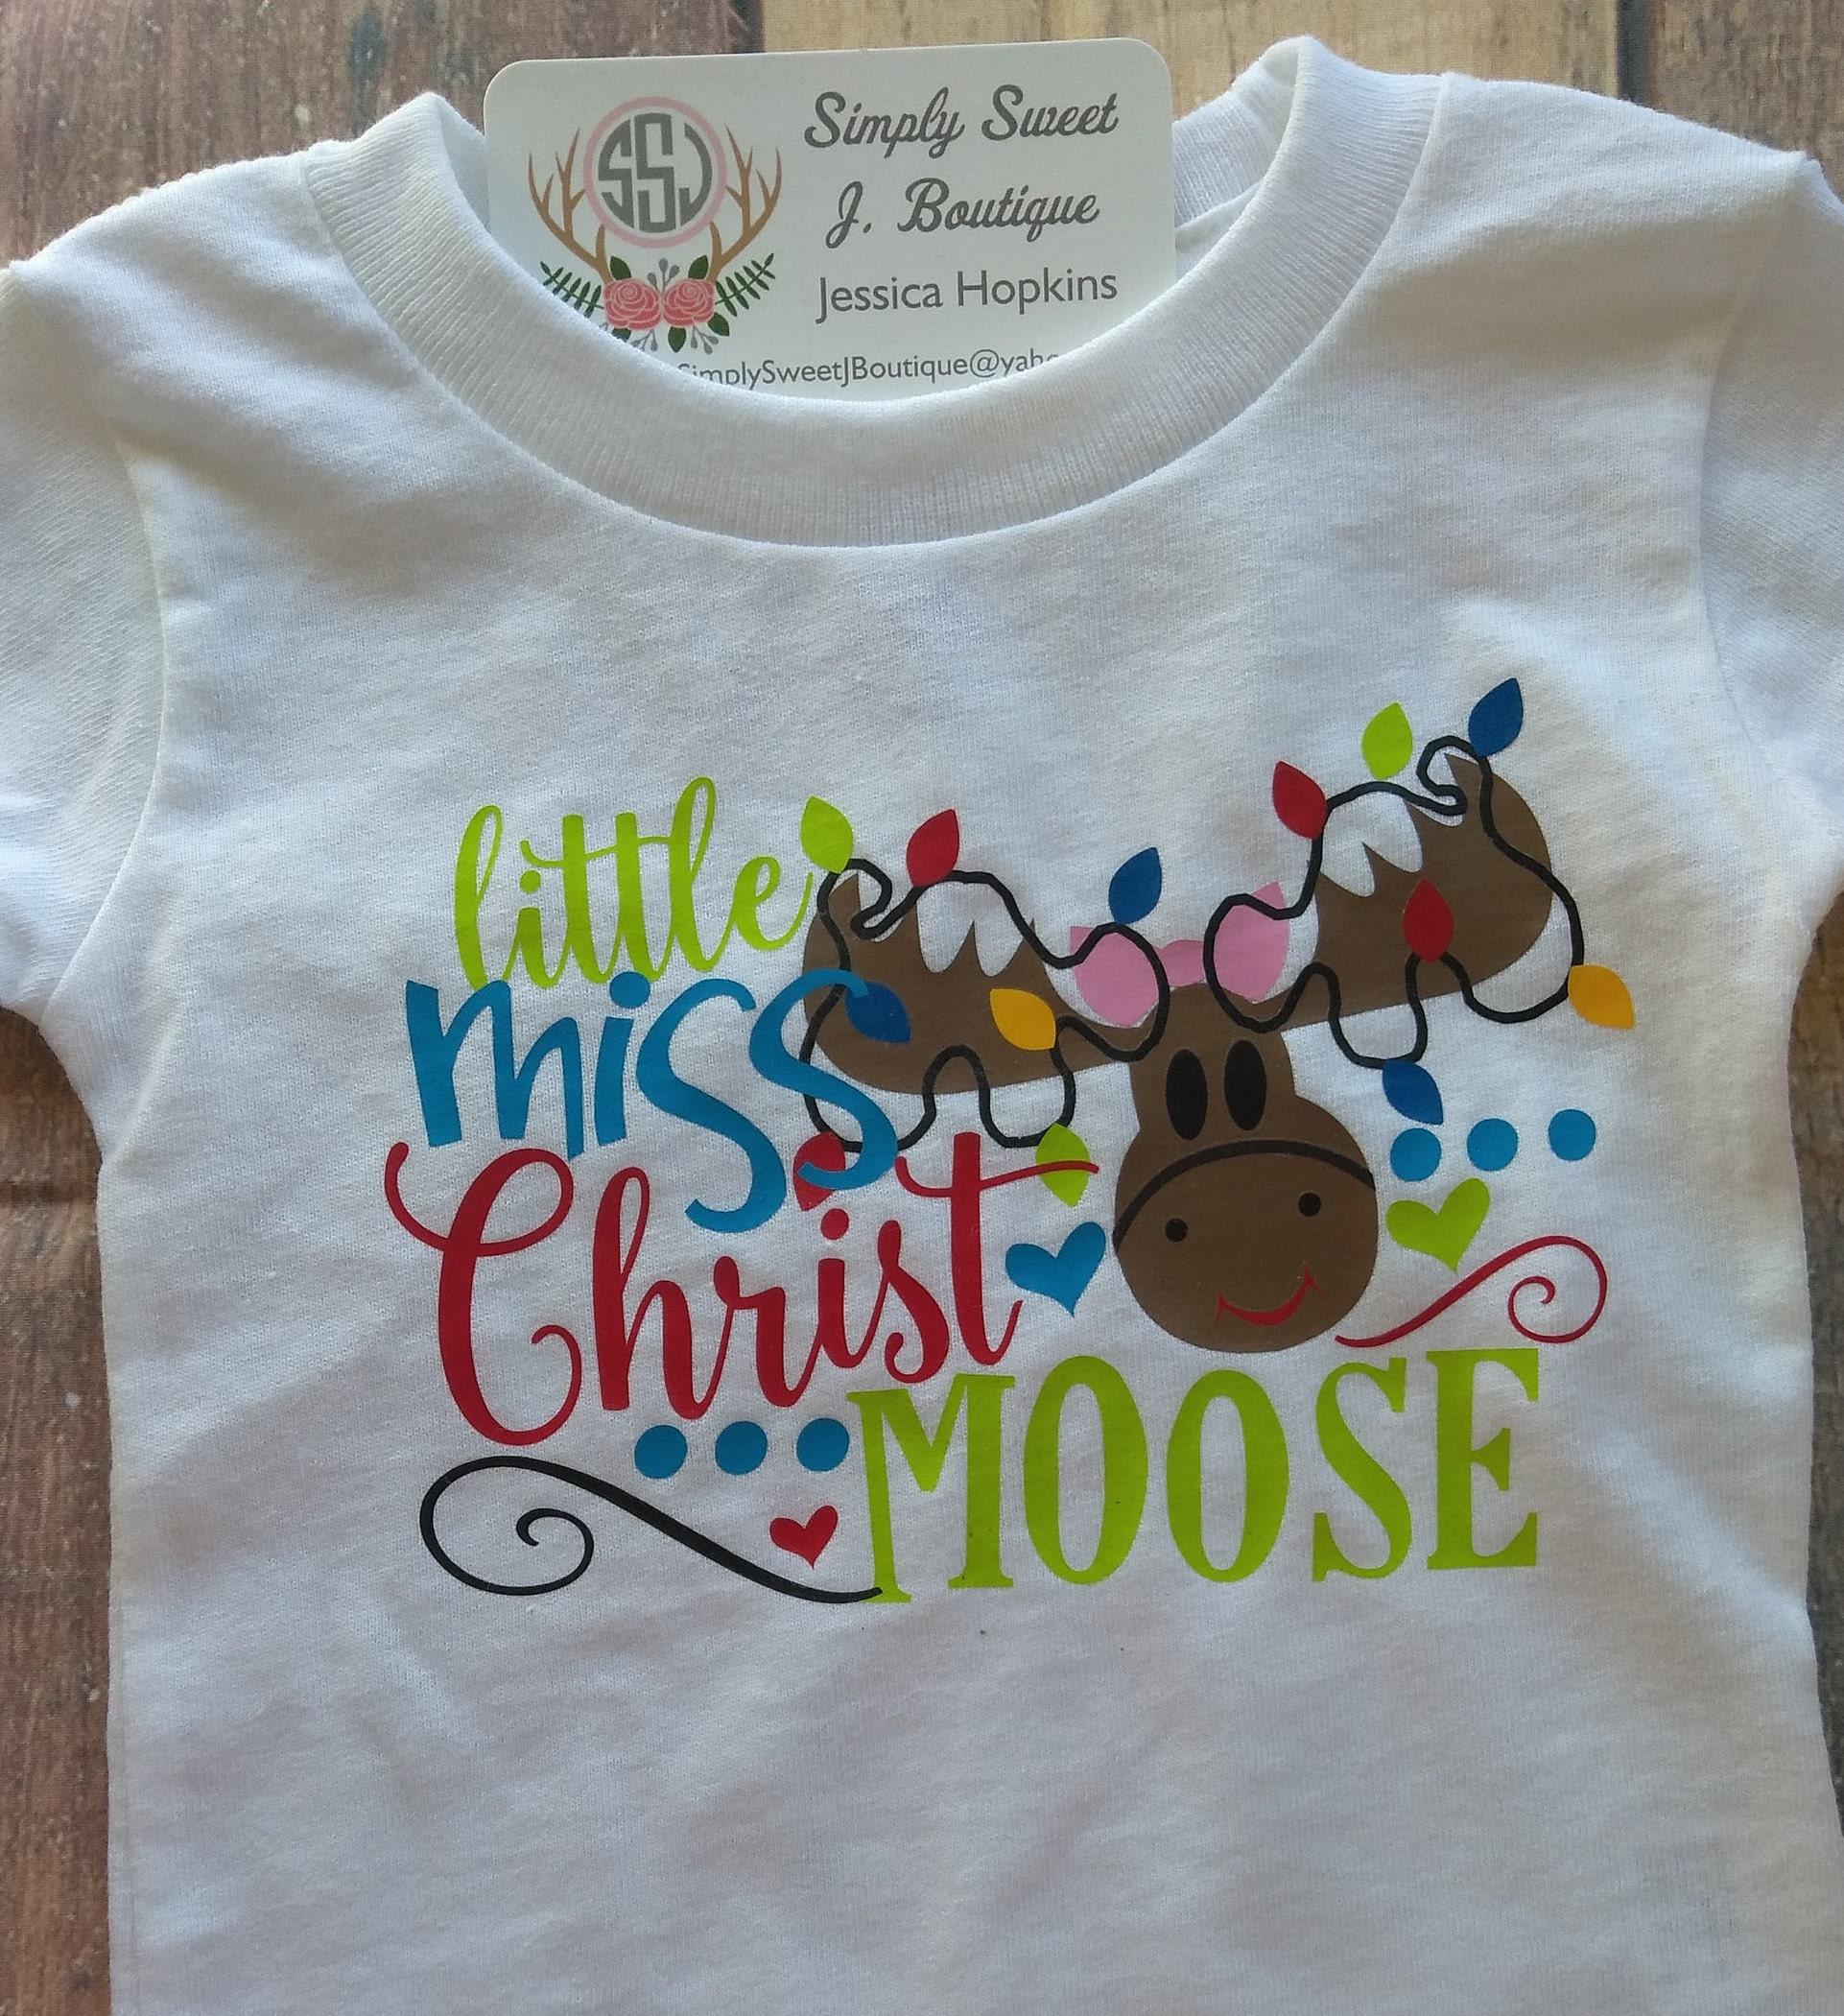 3668e0271906 Little Miss Christmas MOOSE Girls Christmas Shirt Girl Toddler | Etsy